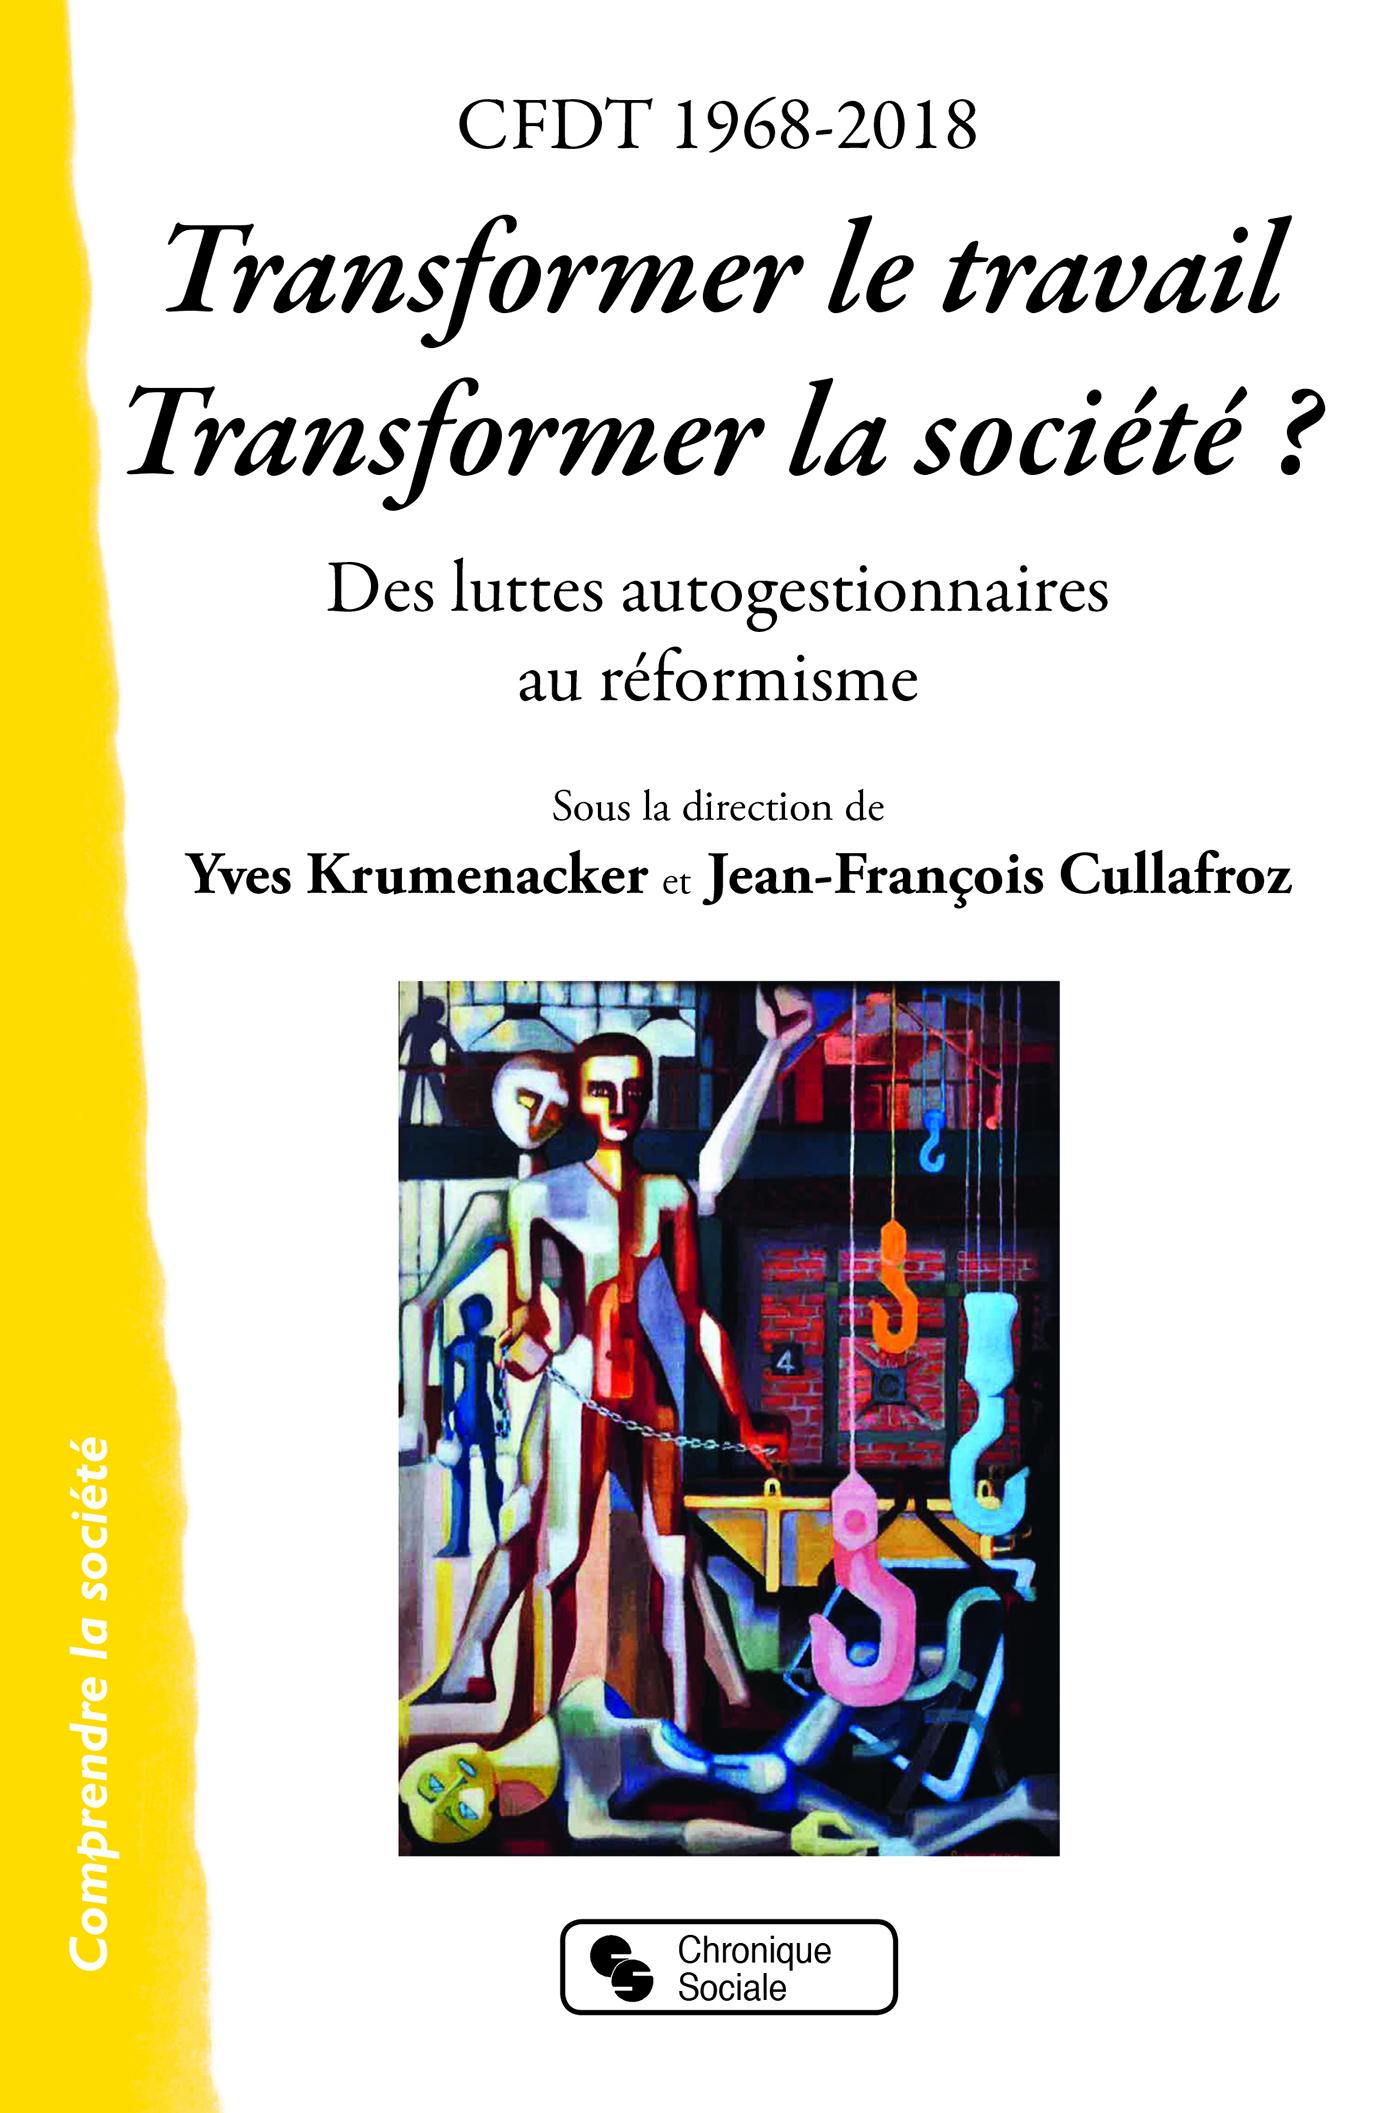 CFDT 1968-2018 TRANSFORMER LE TRAVAIL TRANSFORMER LA SOCIETE